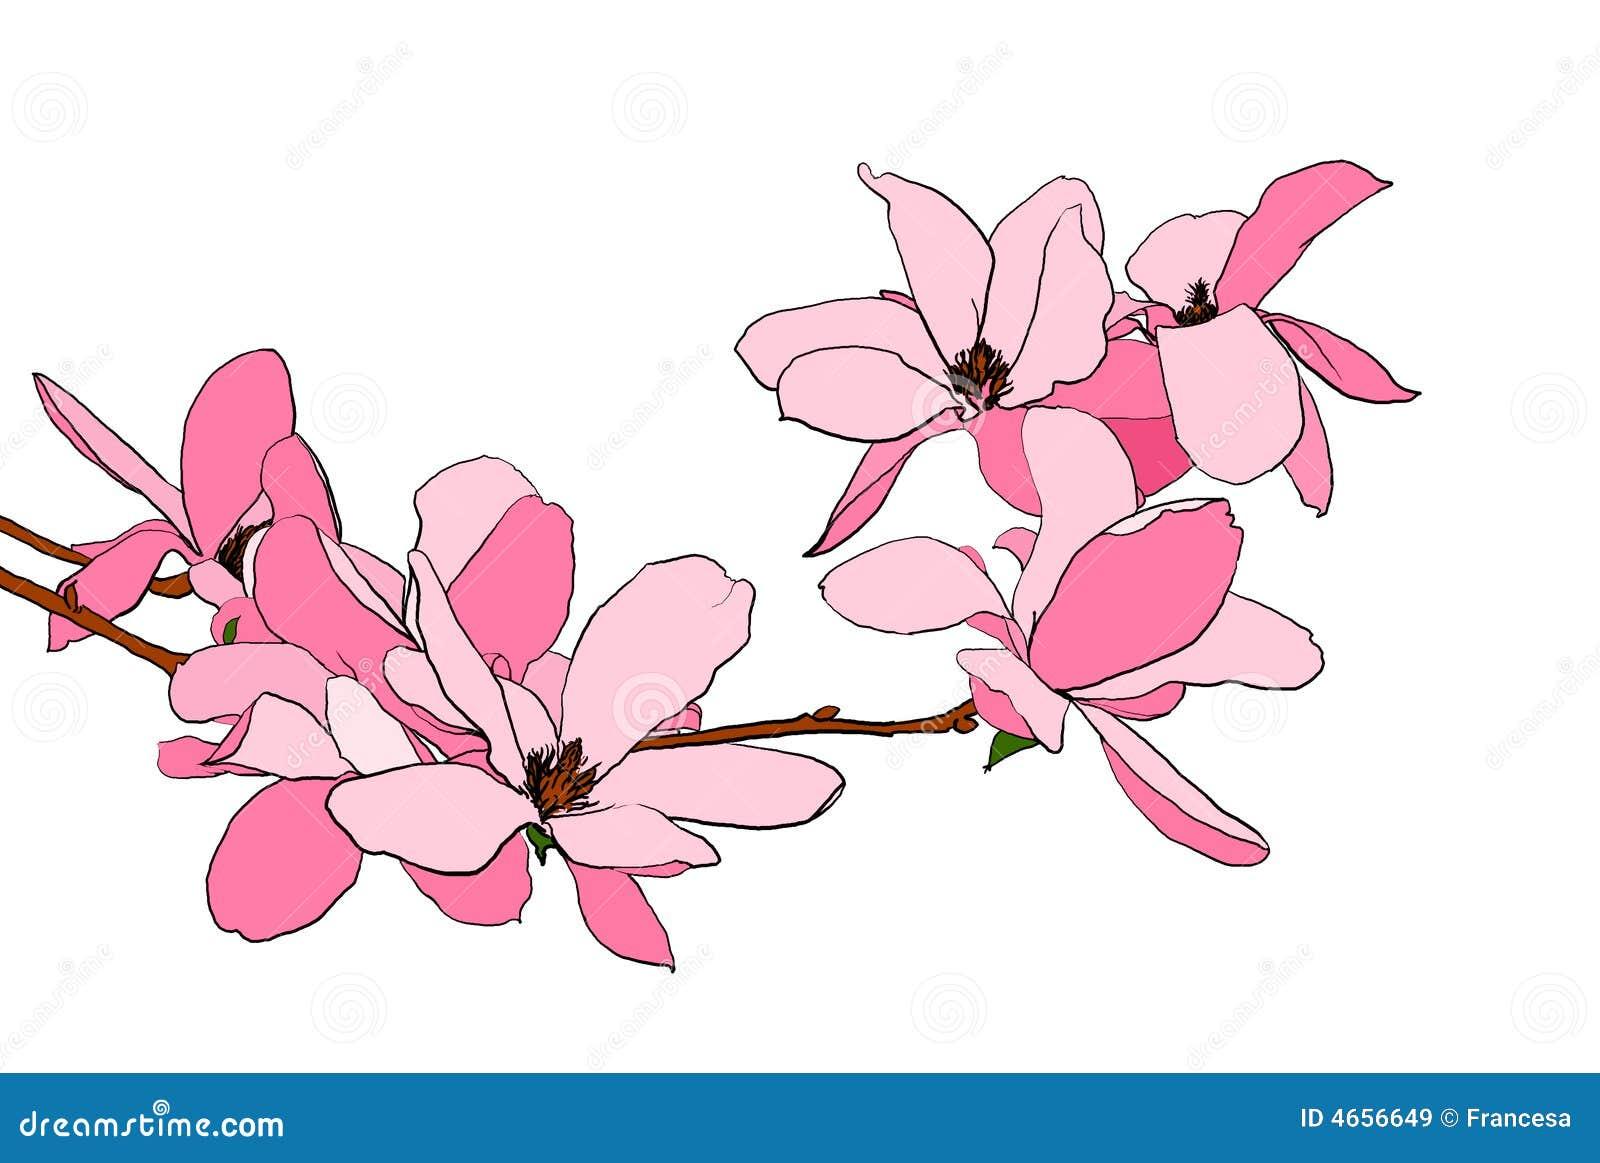 Illustrazione della fioritura della magnolia immagini for Magnolia pianta prezzi